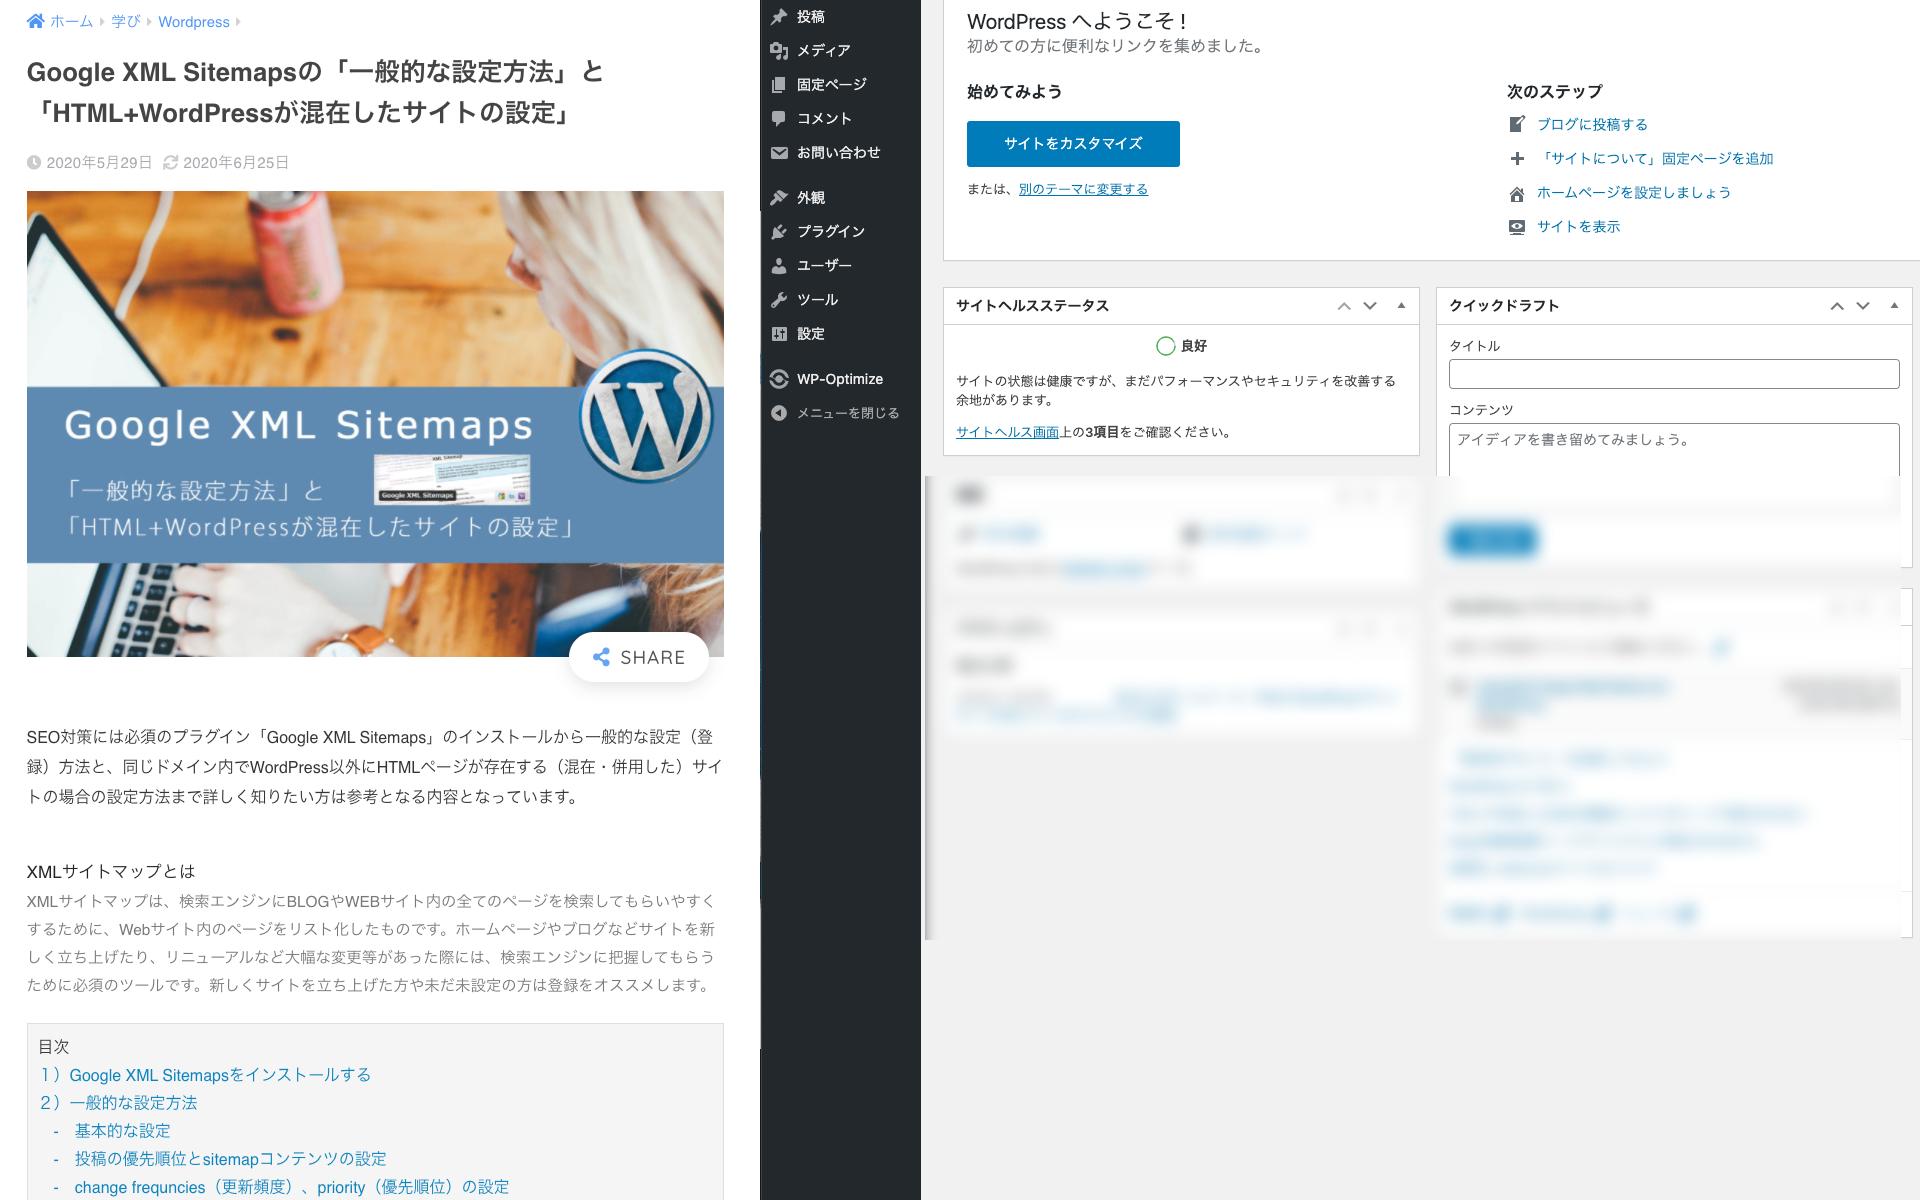 ワードプレスで作成したブログサイト